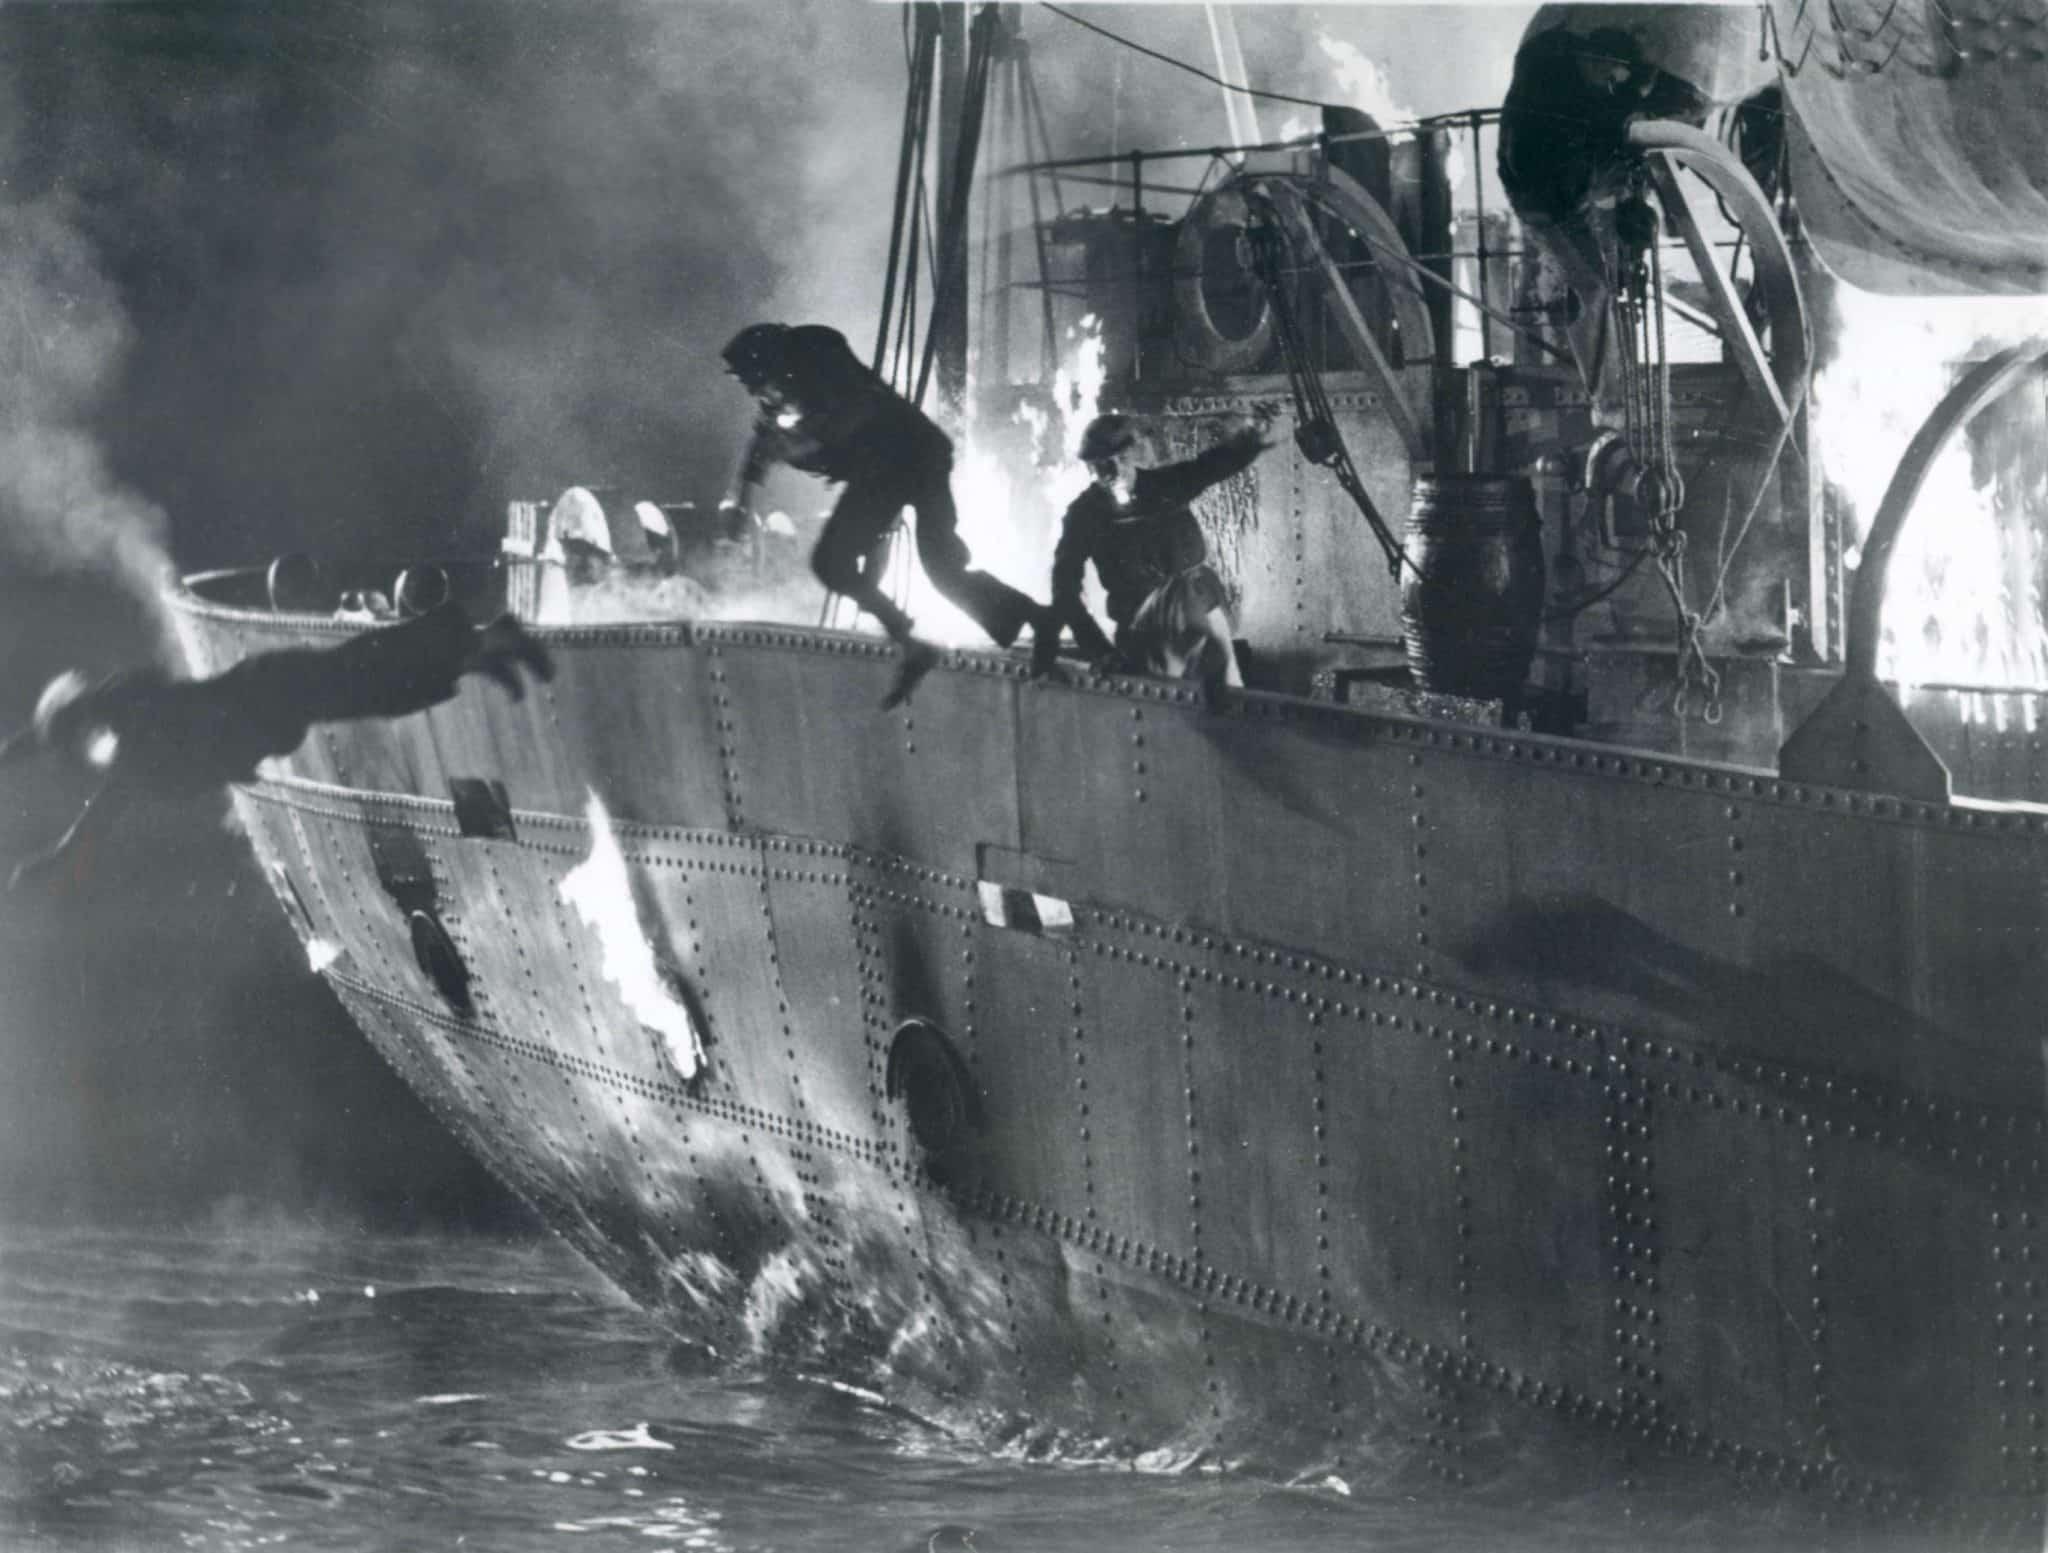 THE CRUEL SEA -1953